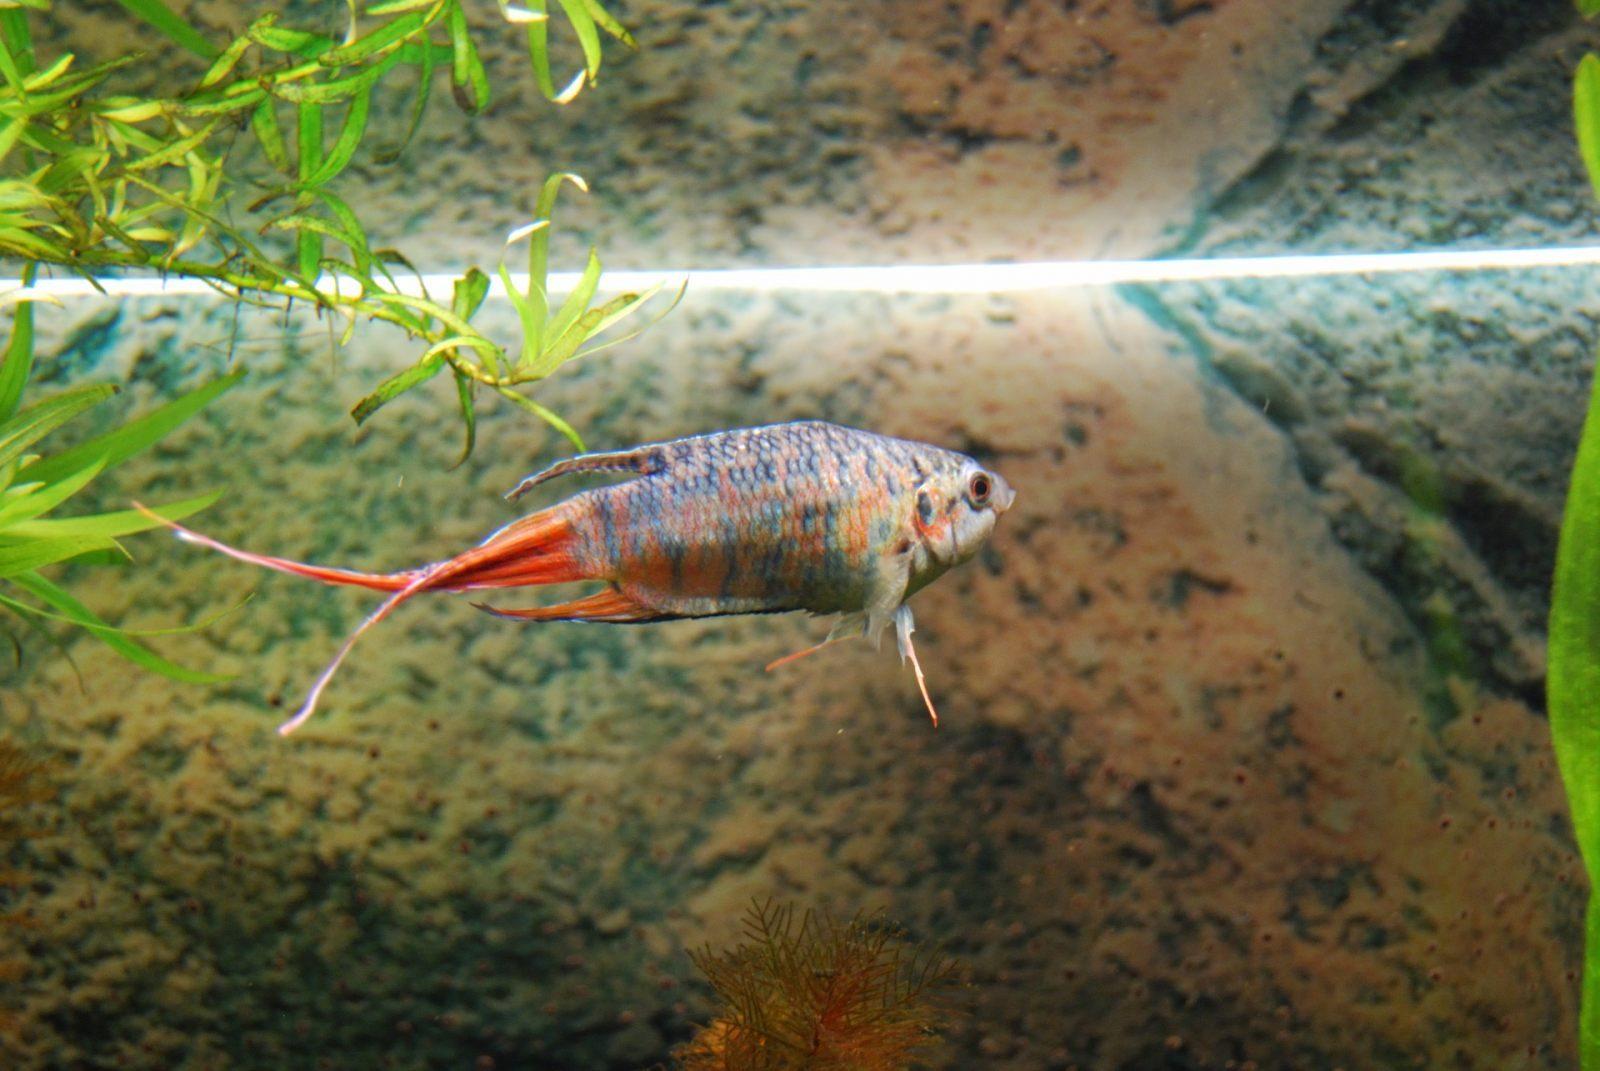 Peque o pez del para so im genes y fotos for Pez koi pequeno